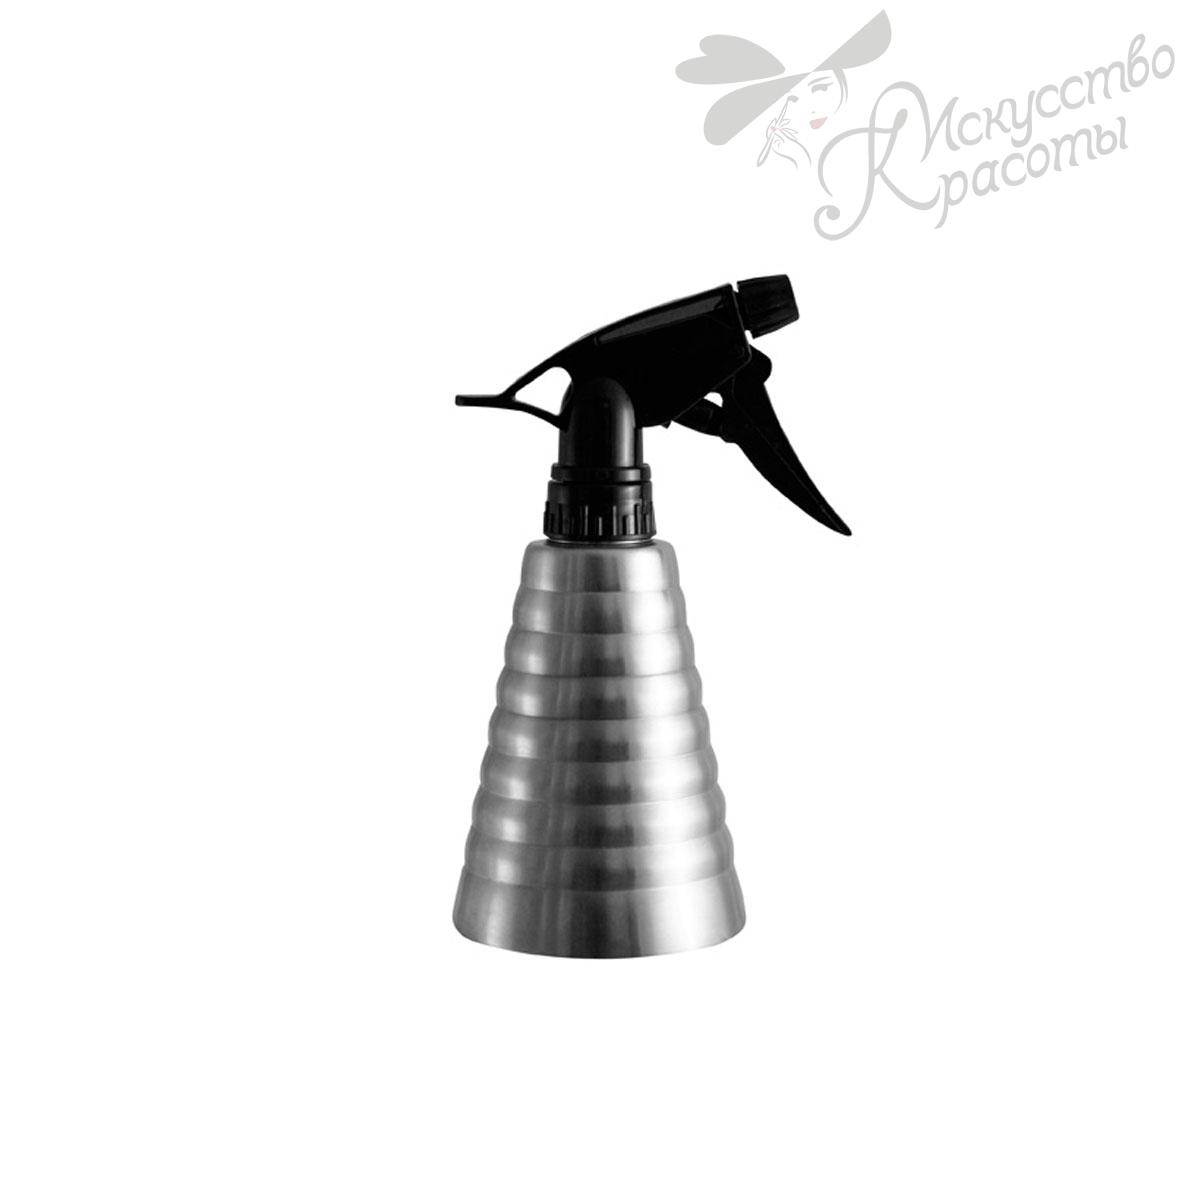 Распылитель алюминиевый Stainless Comair 300 мл